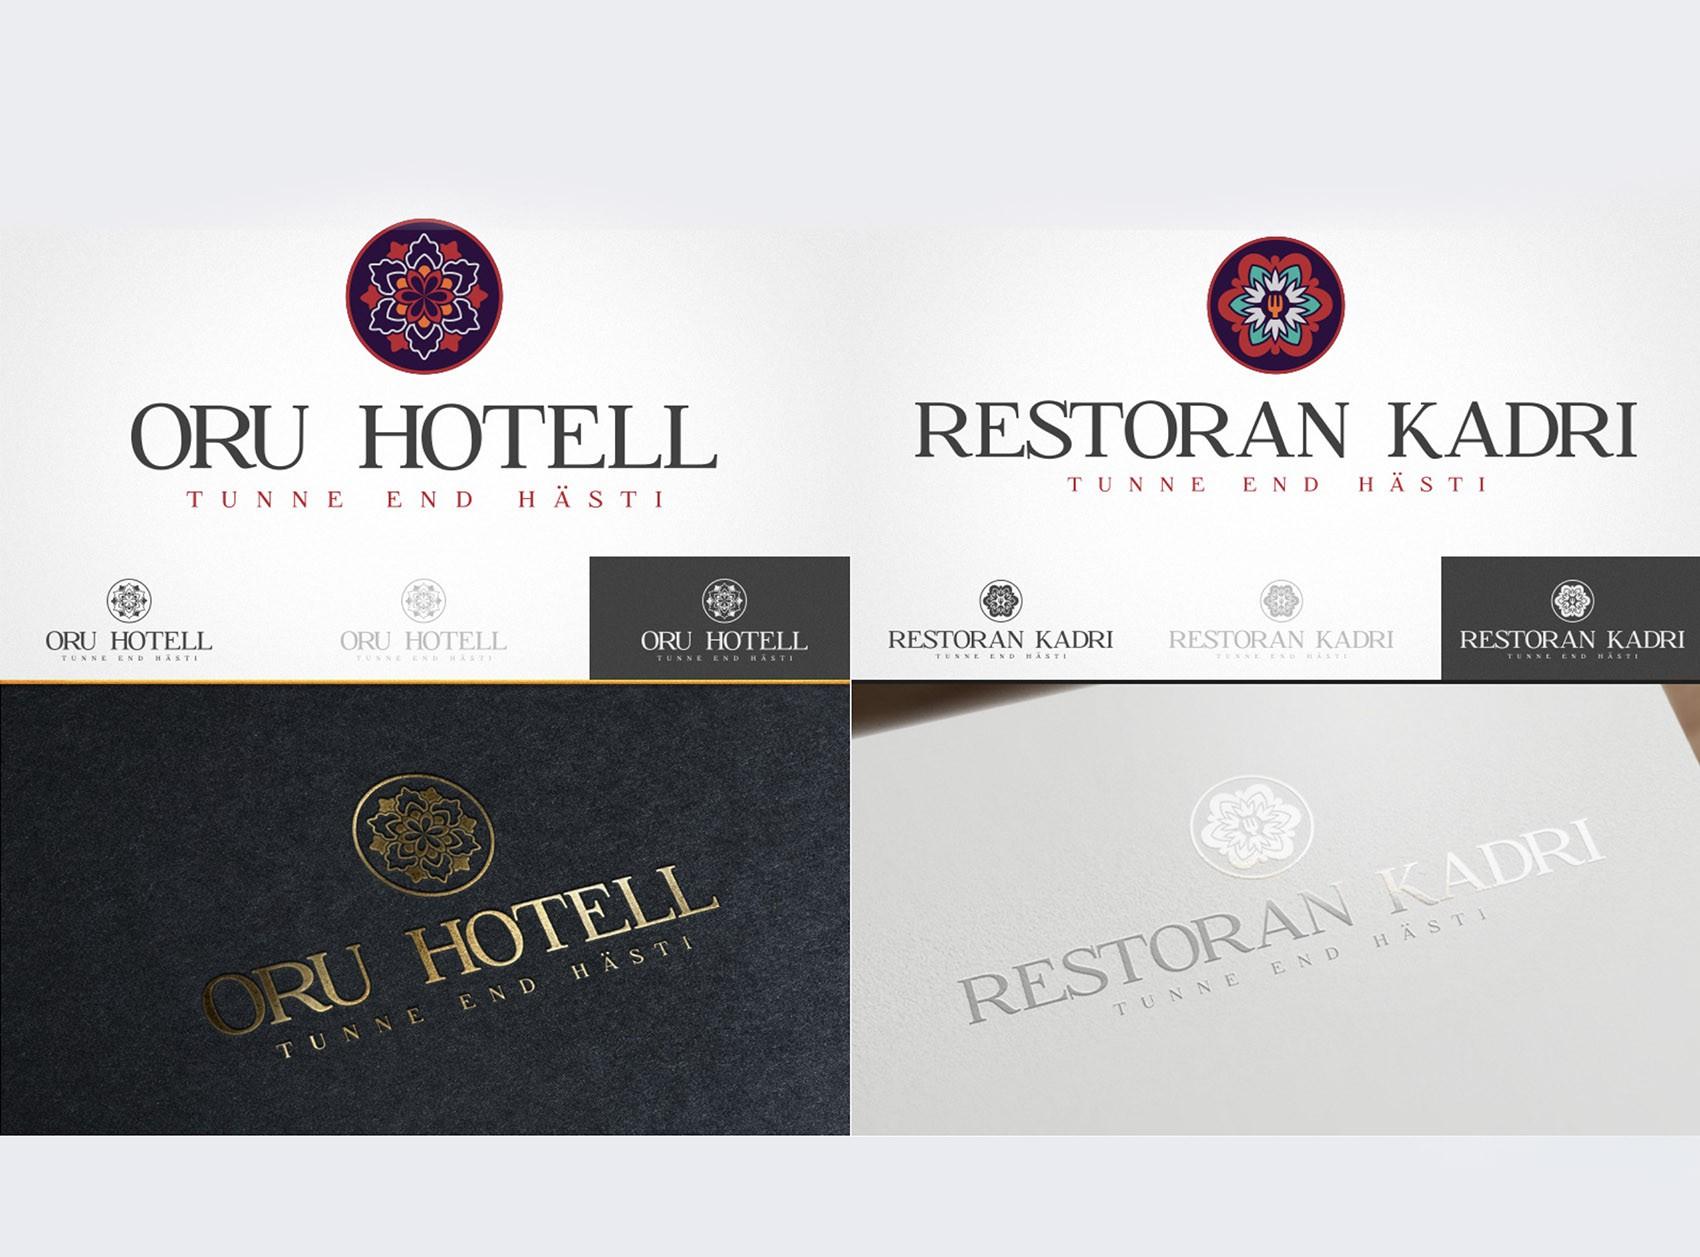 Logodisain: Oru hotell